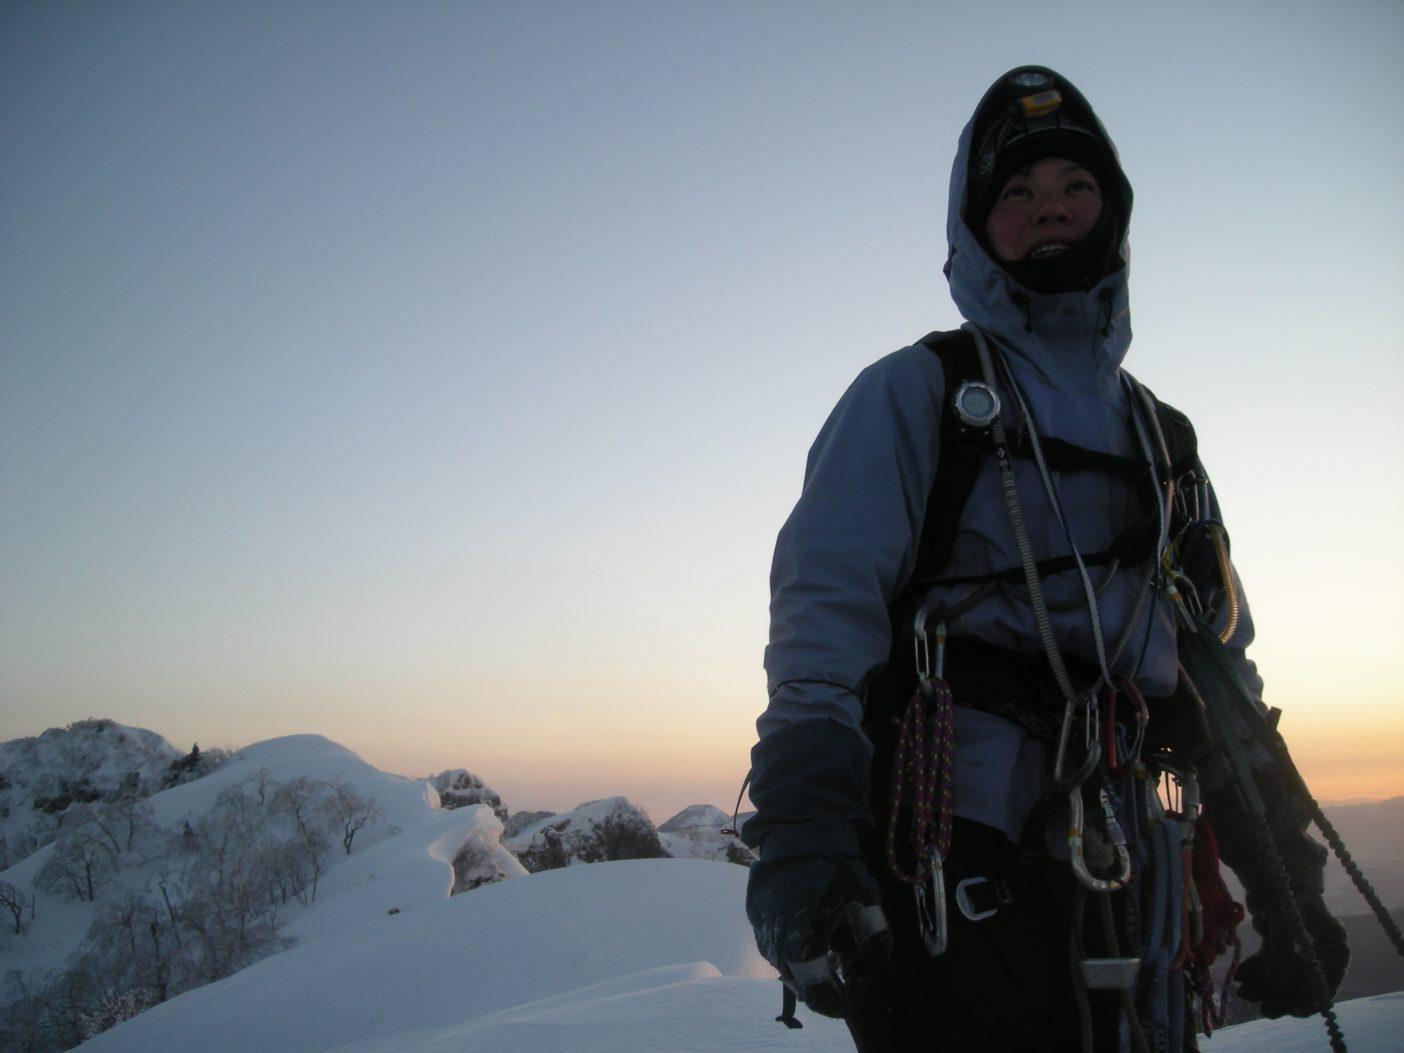 戸隠の稜線にて朝日を迎える。2009年3月 写真:鈴木啓紀